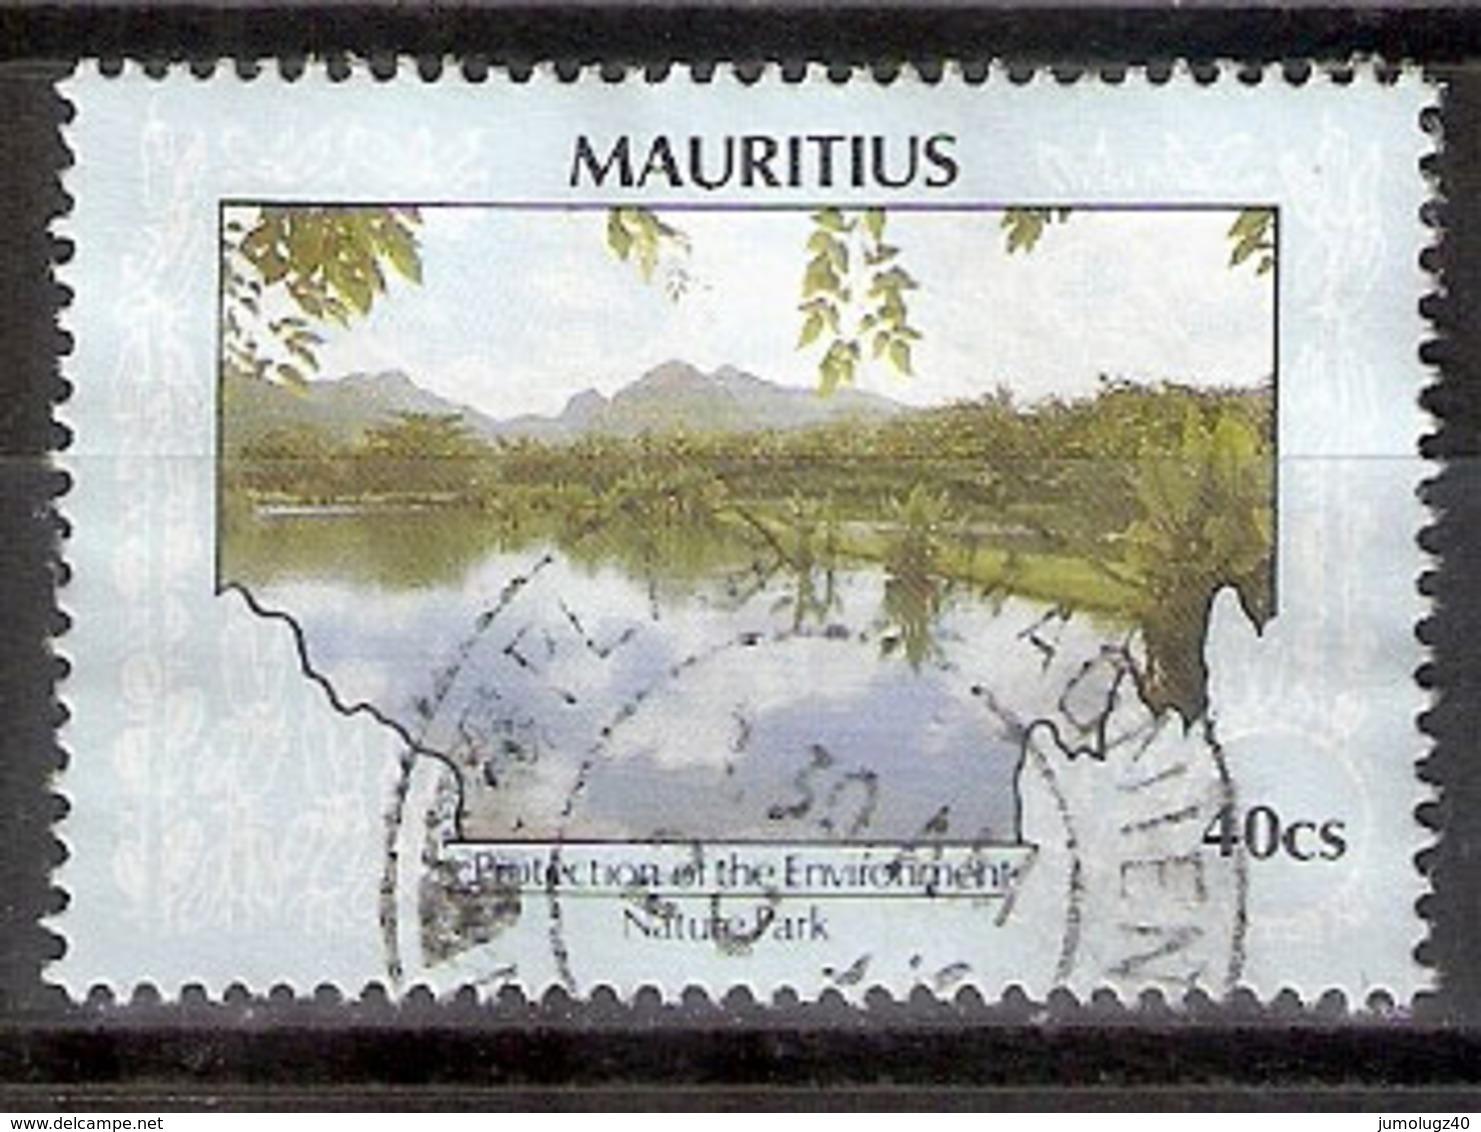 Timbre Maurice 1991 Y&T N°753 (17) Oblitéré. Nature Park 1993. 40Cs. Cote 0.30 € - Maurice (1968-...)